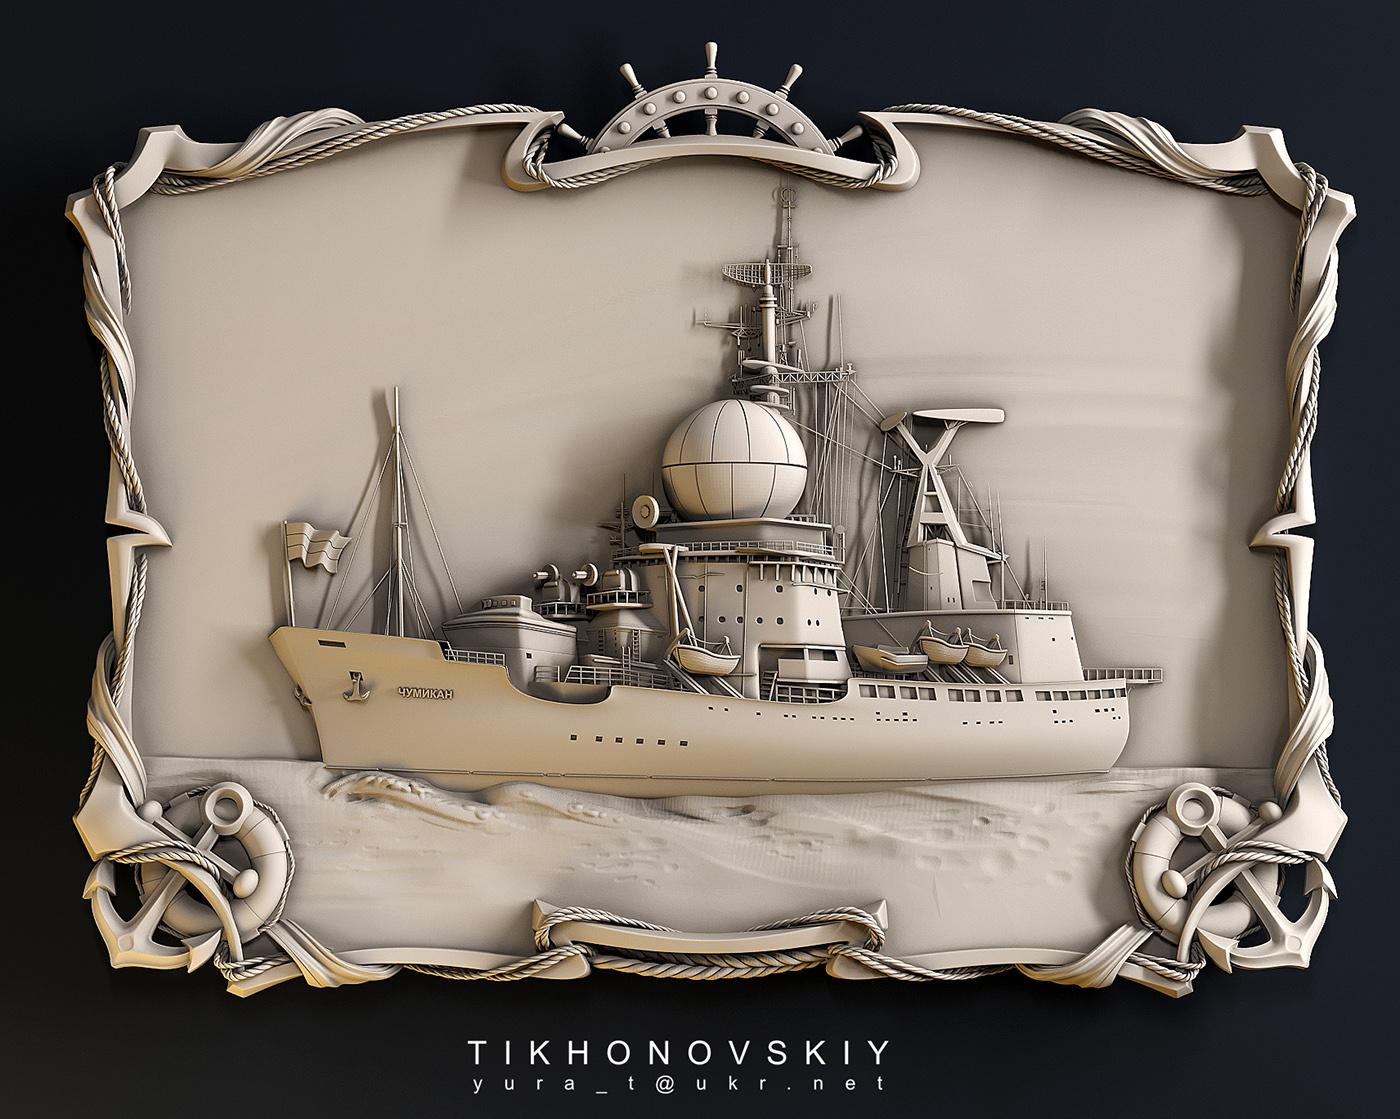 Ein Schiff. Basrelief